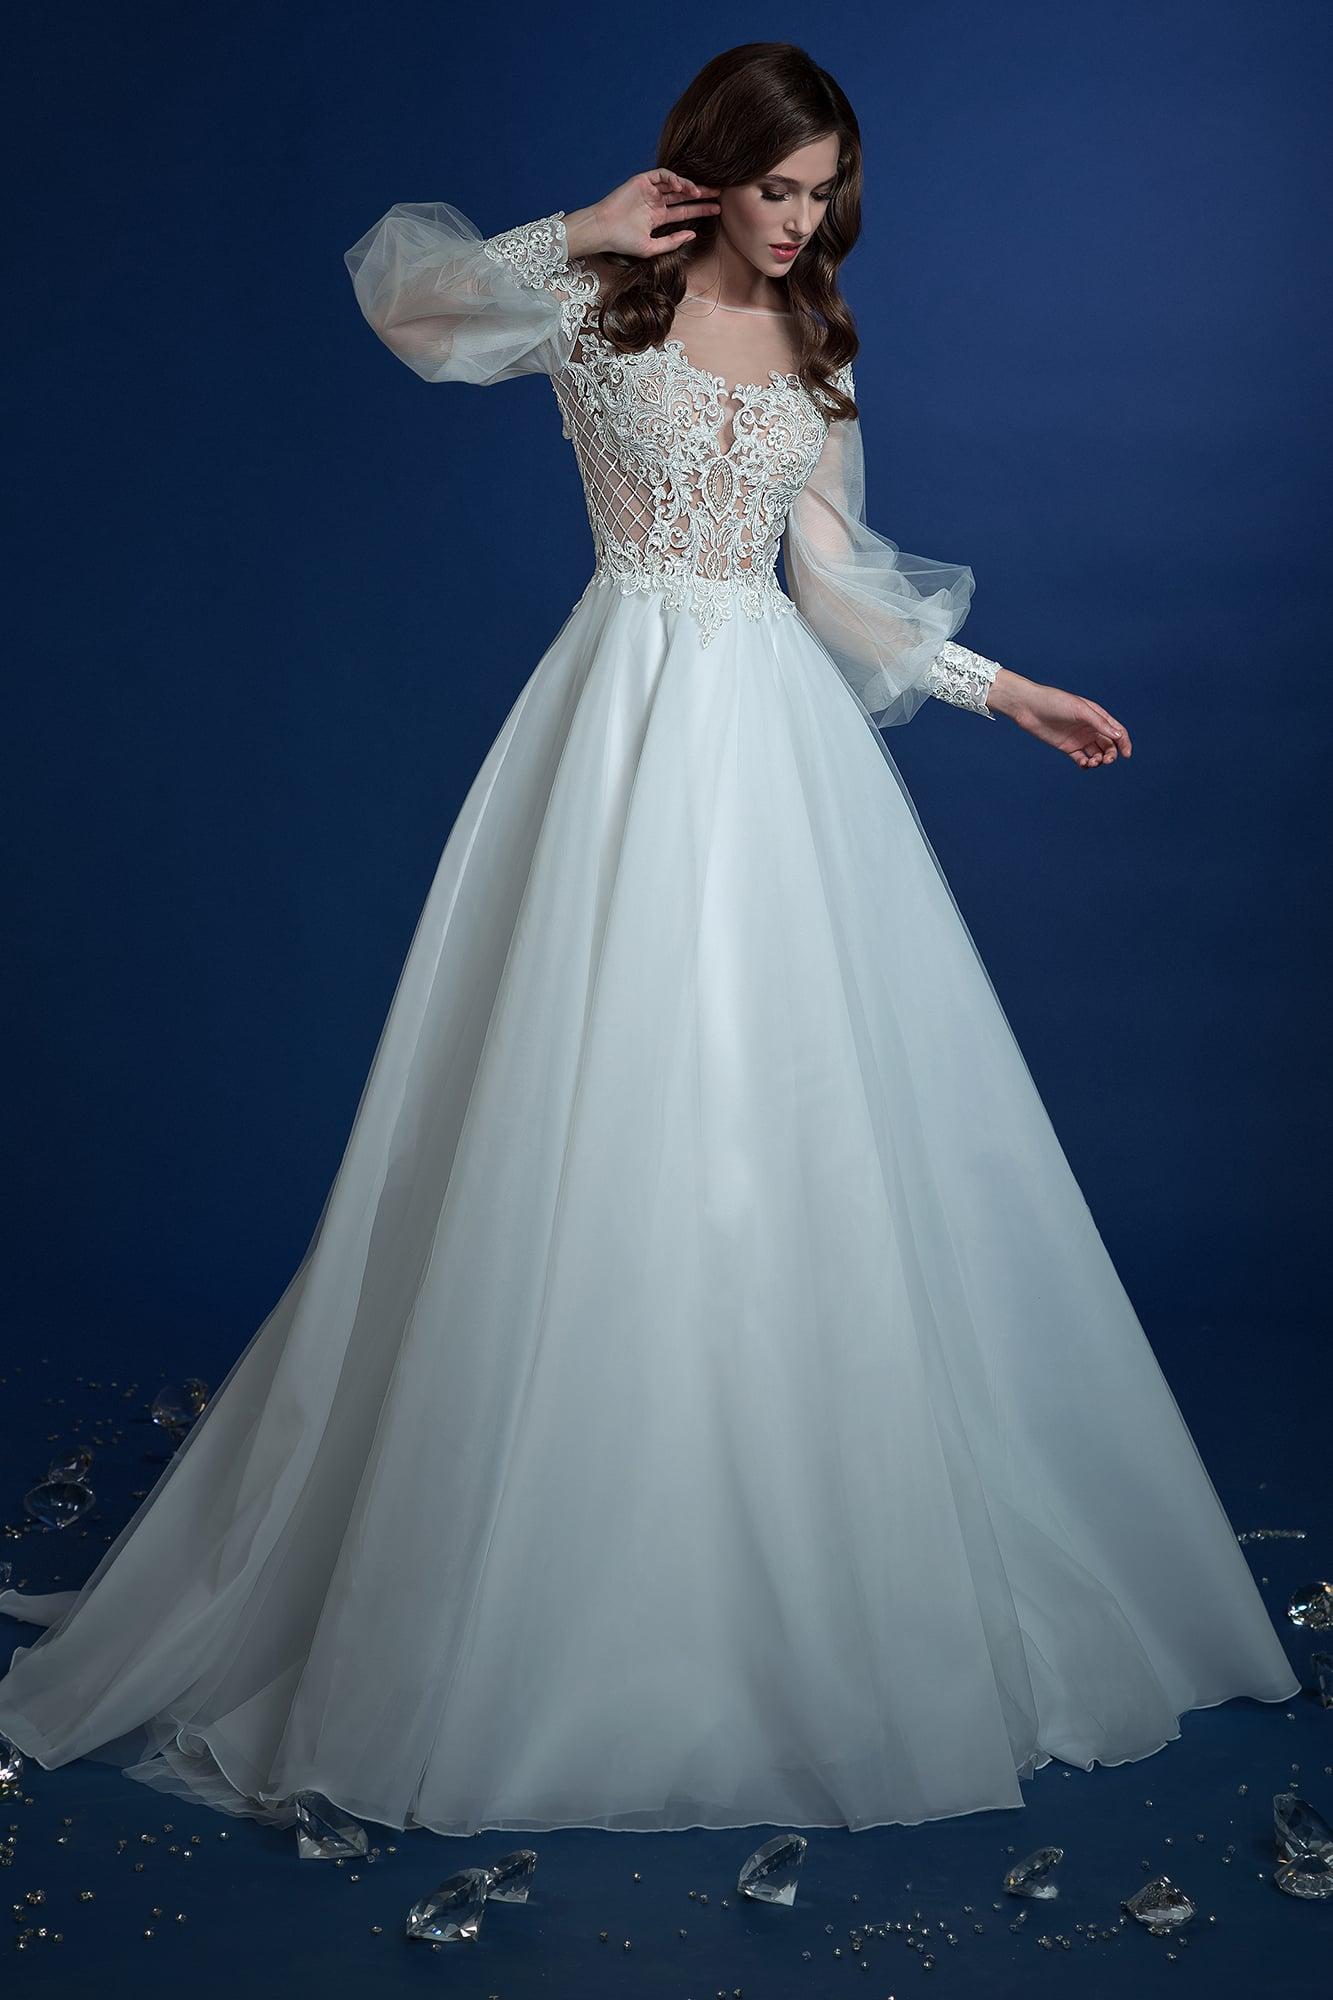 edaa0386453 ▷▷Пышное свадебное платье с широким прозрачным рукавом и кружевом на корсете.  ❤ Более